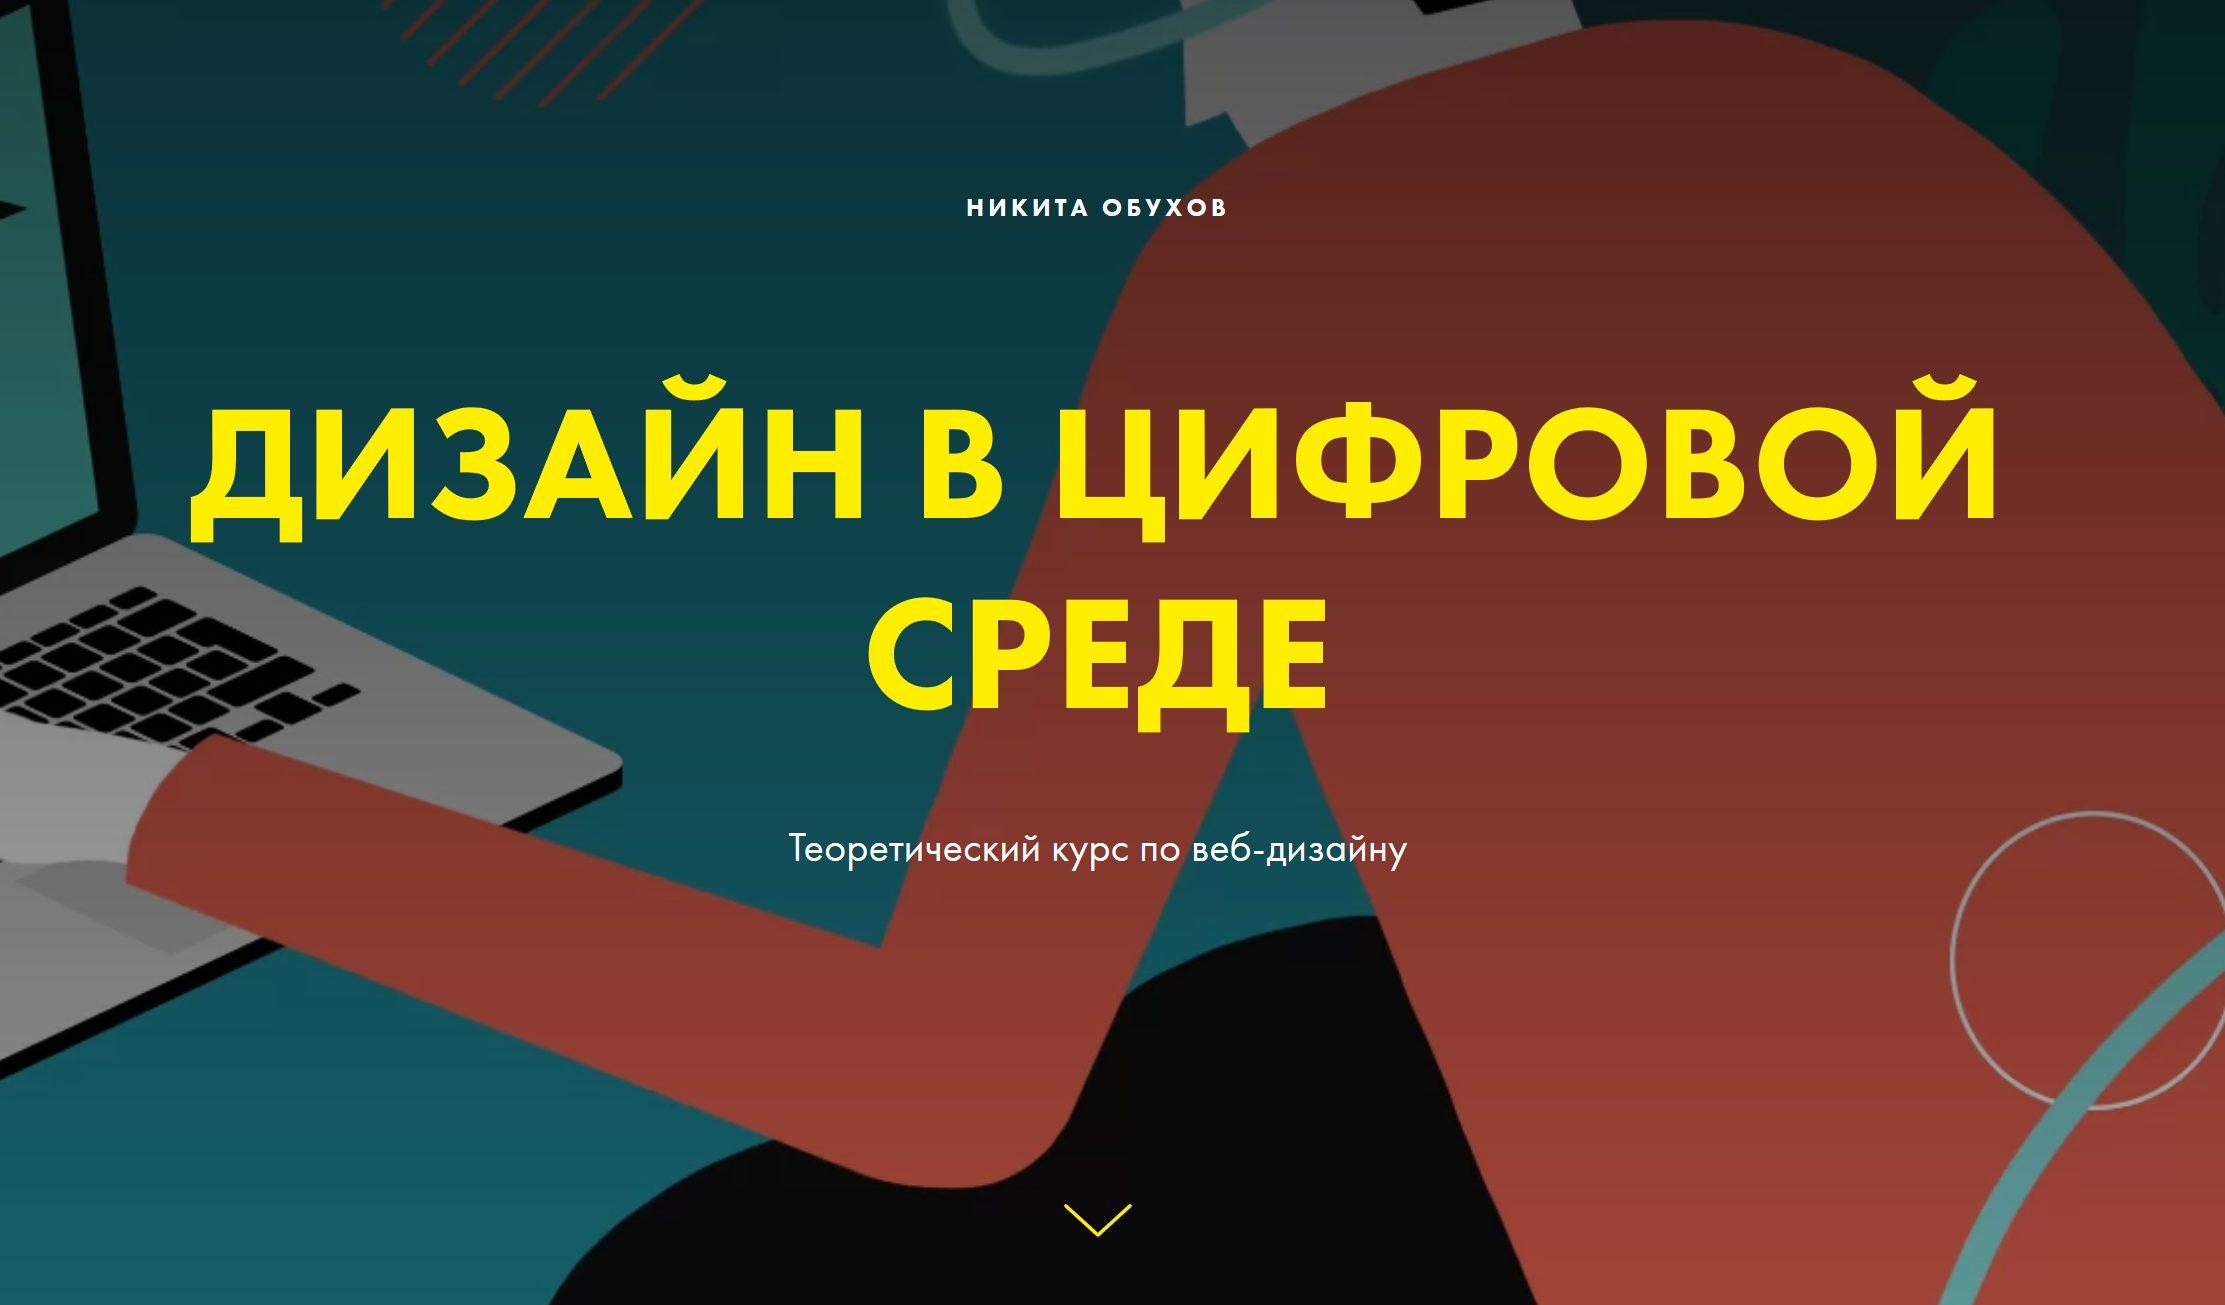 Никита Обухов. Дизайн в цифровой среде